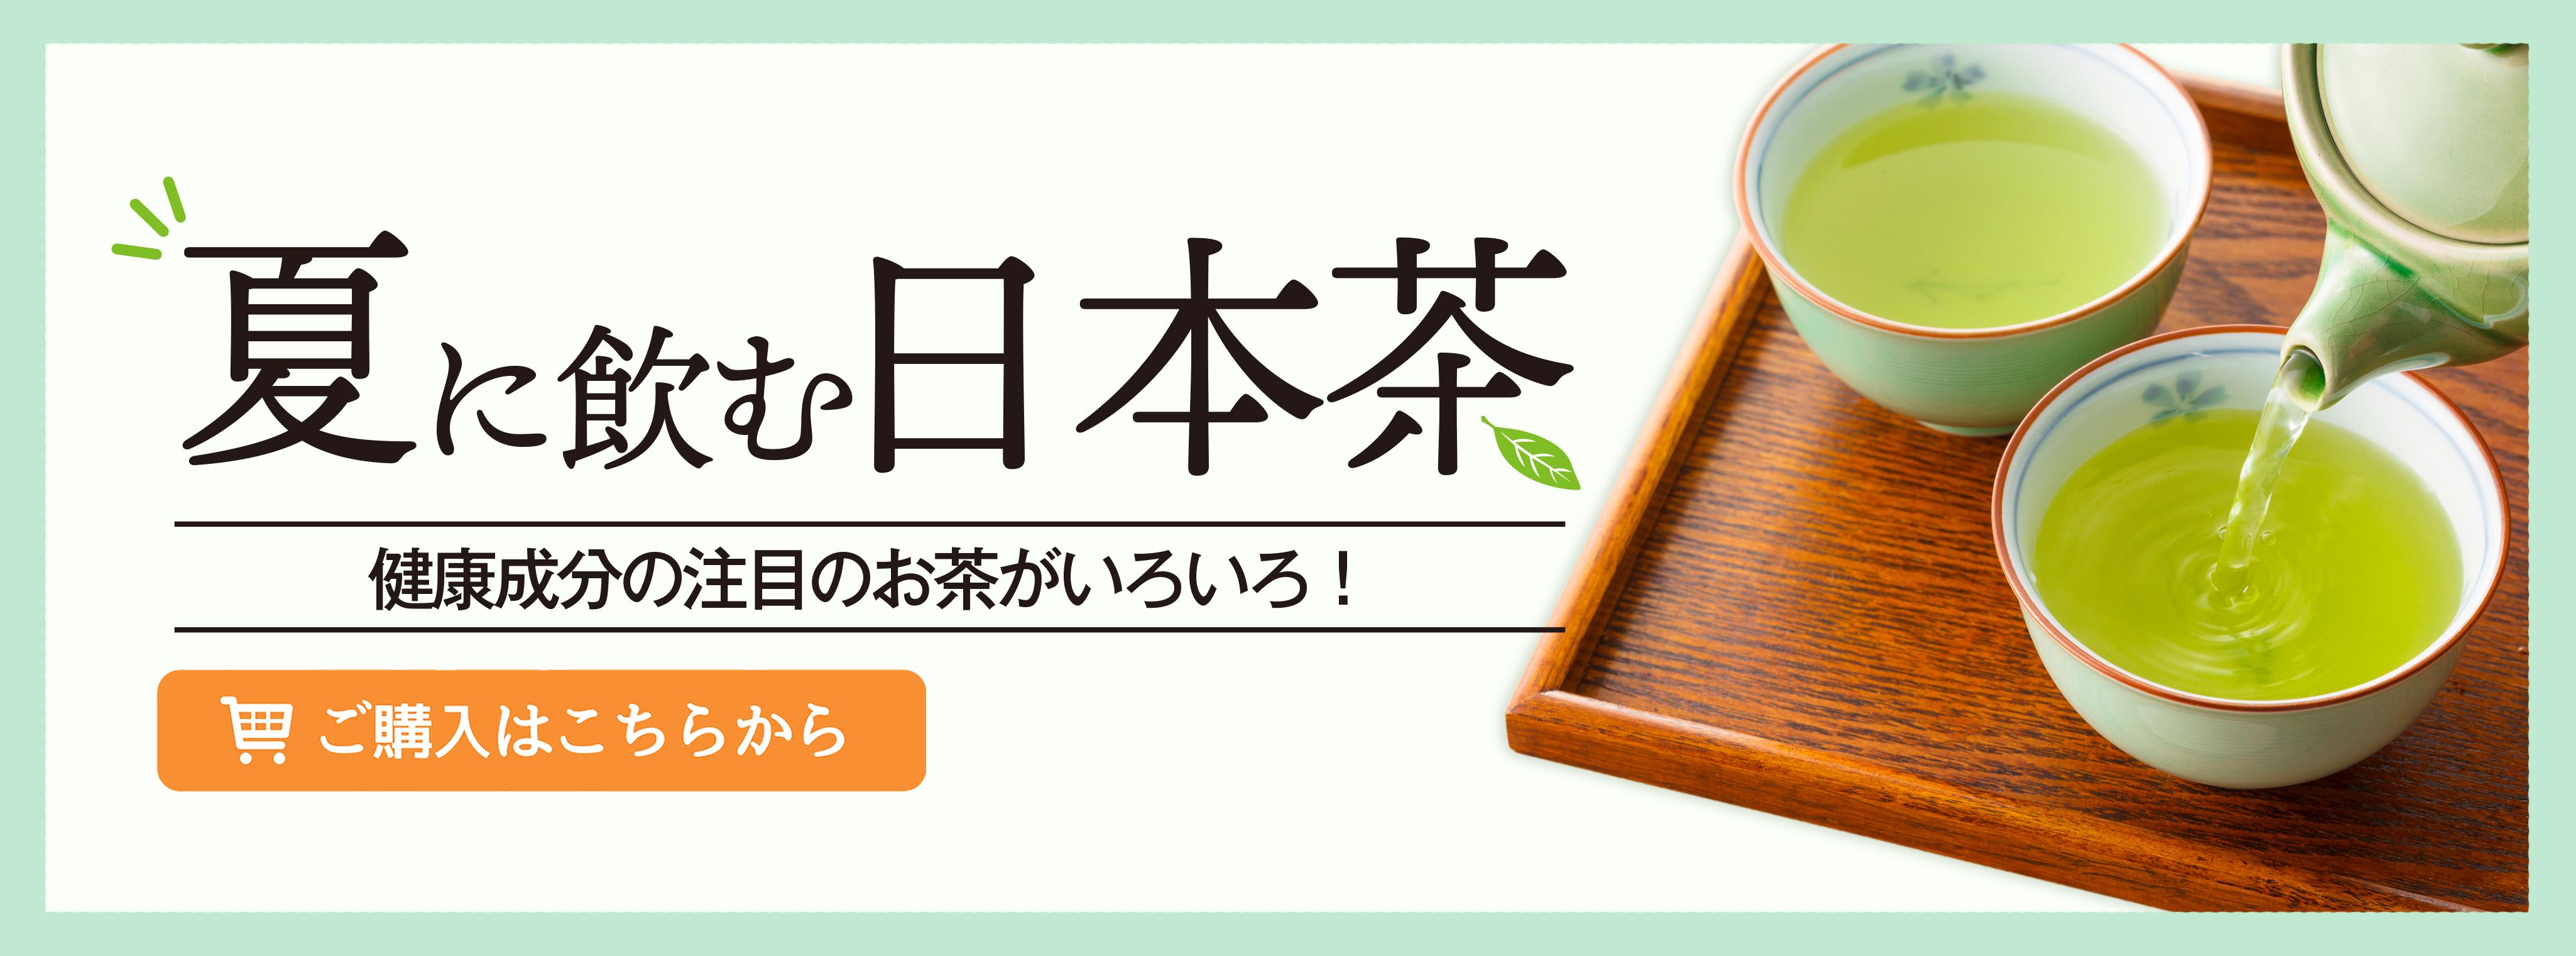 夏に飲む日本茶